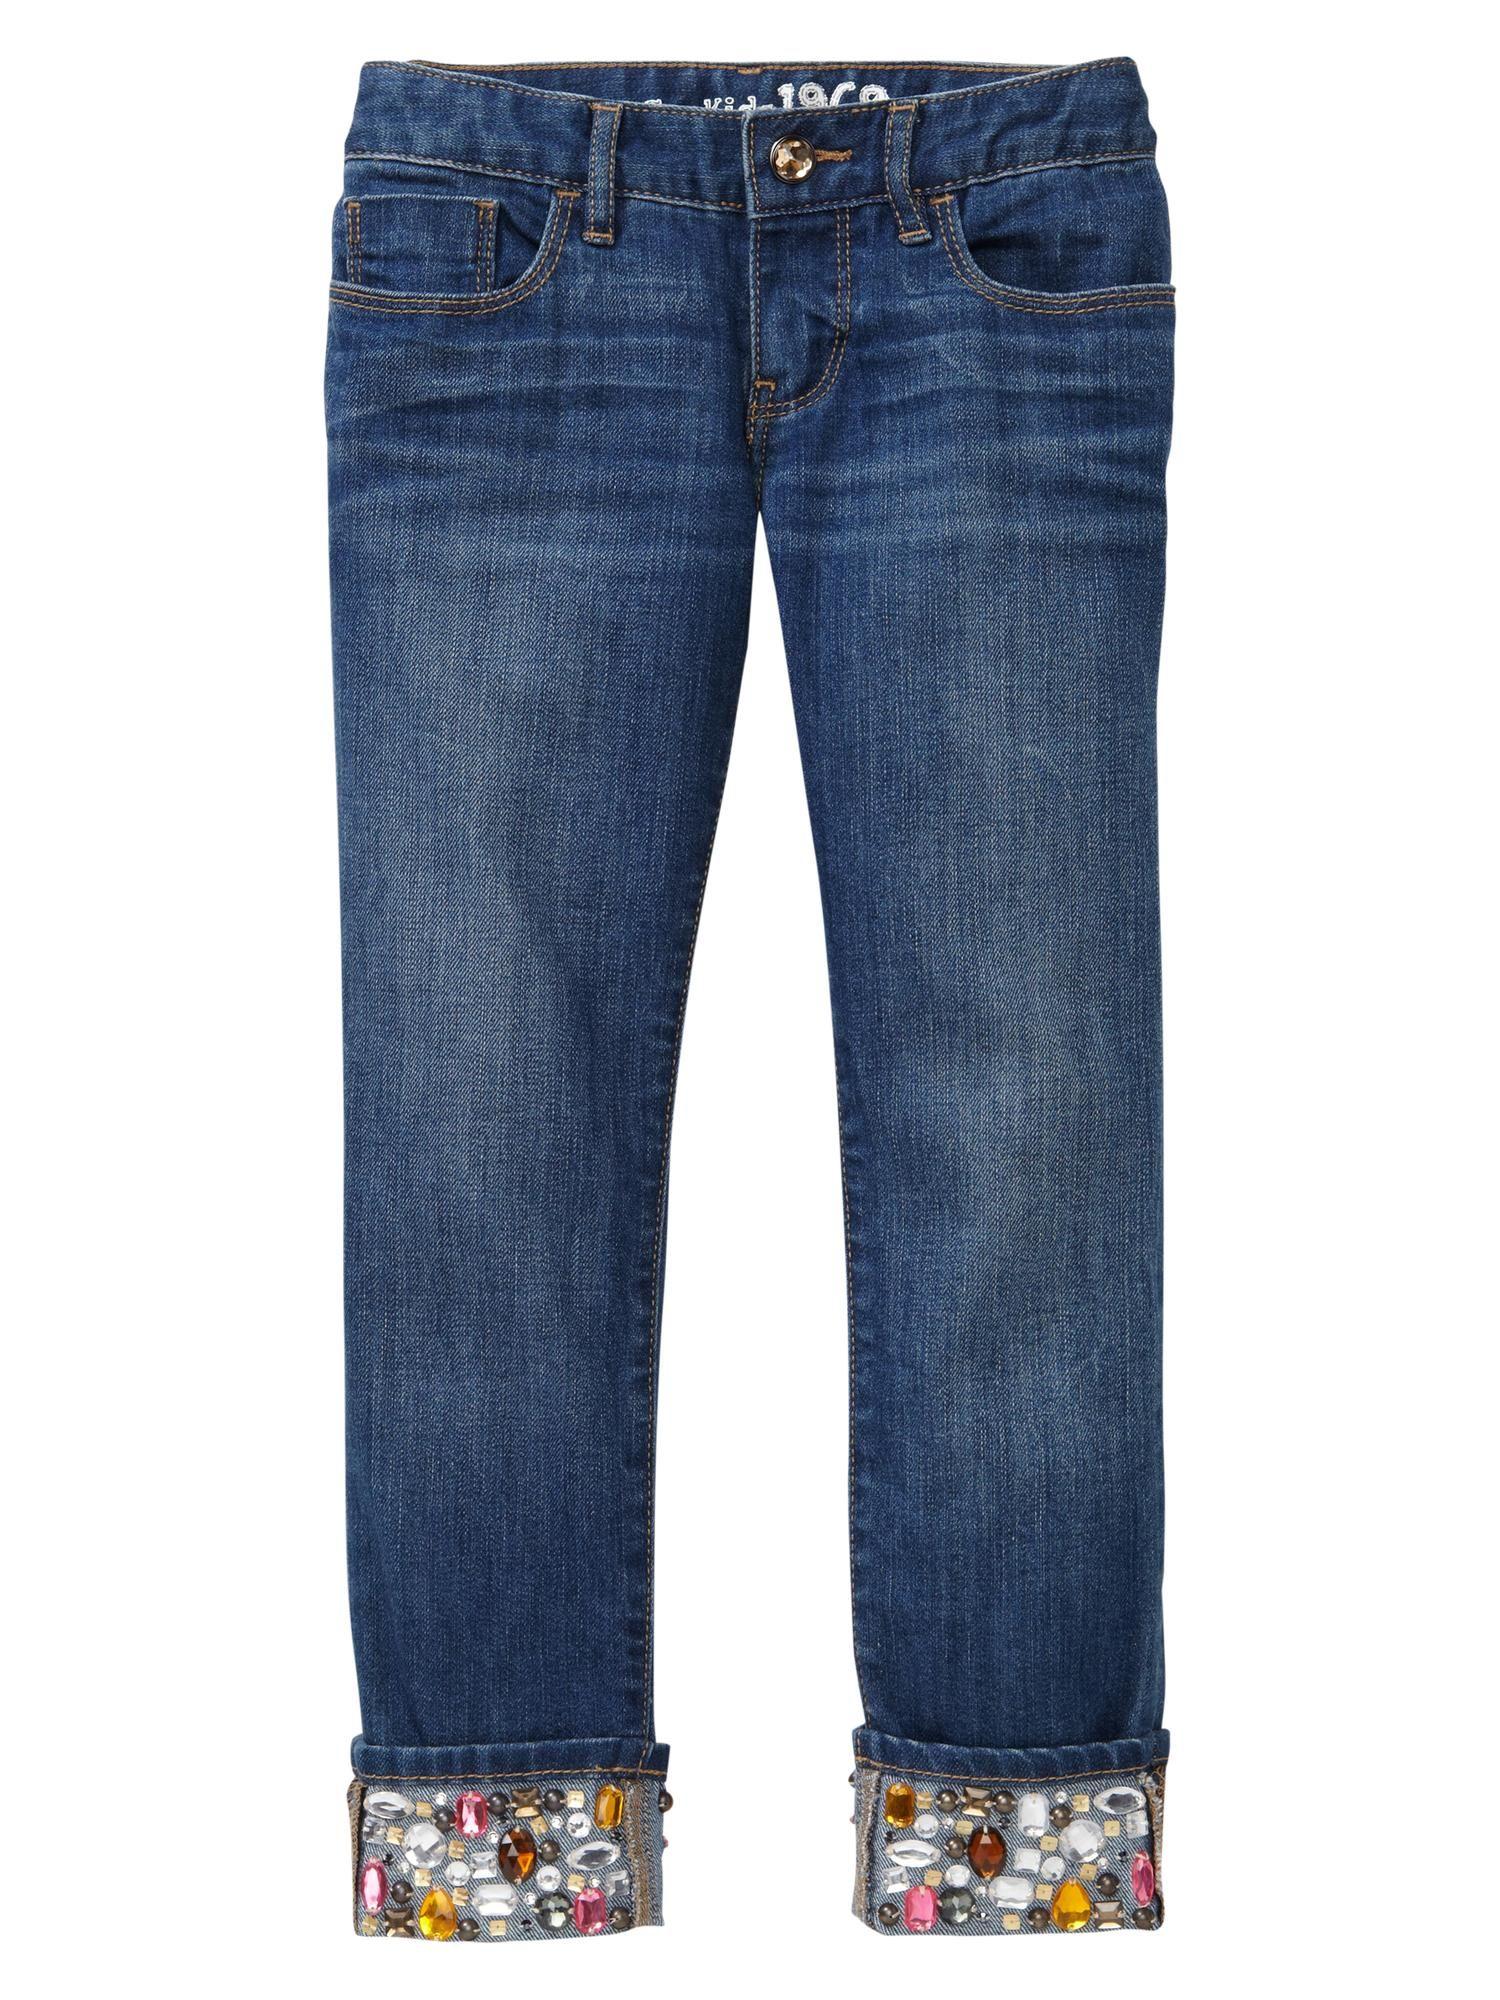 jeans com bordado pedra